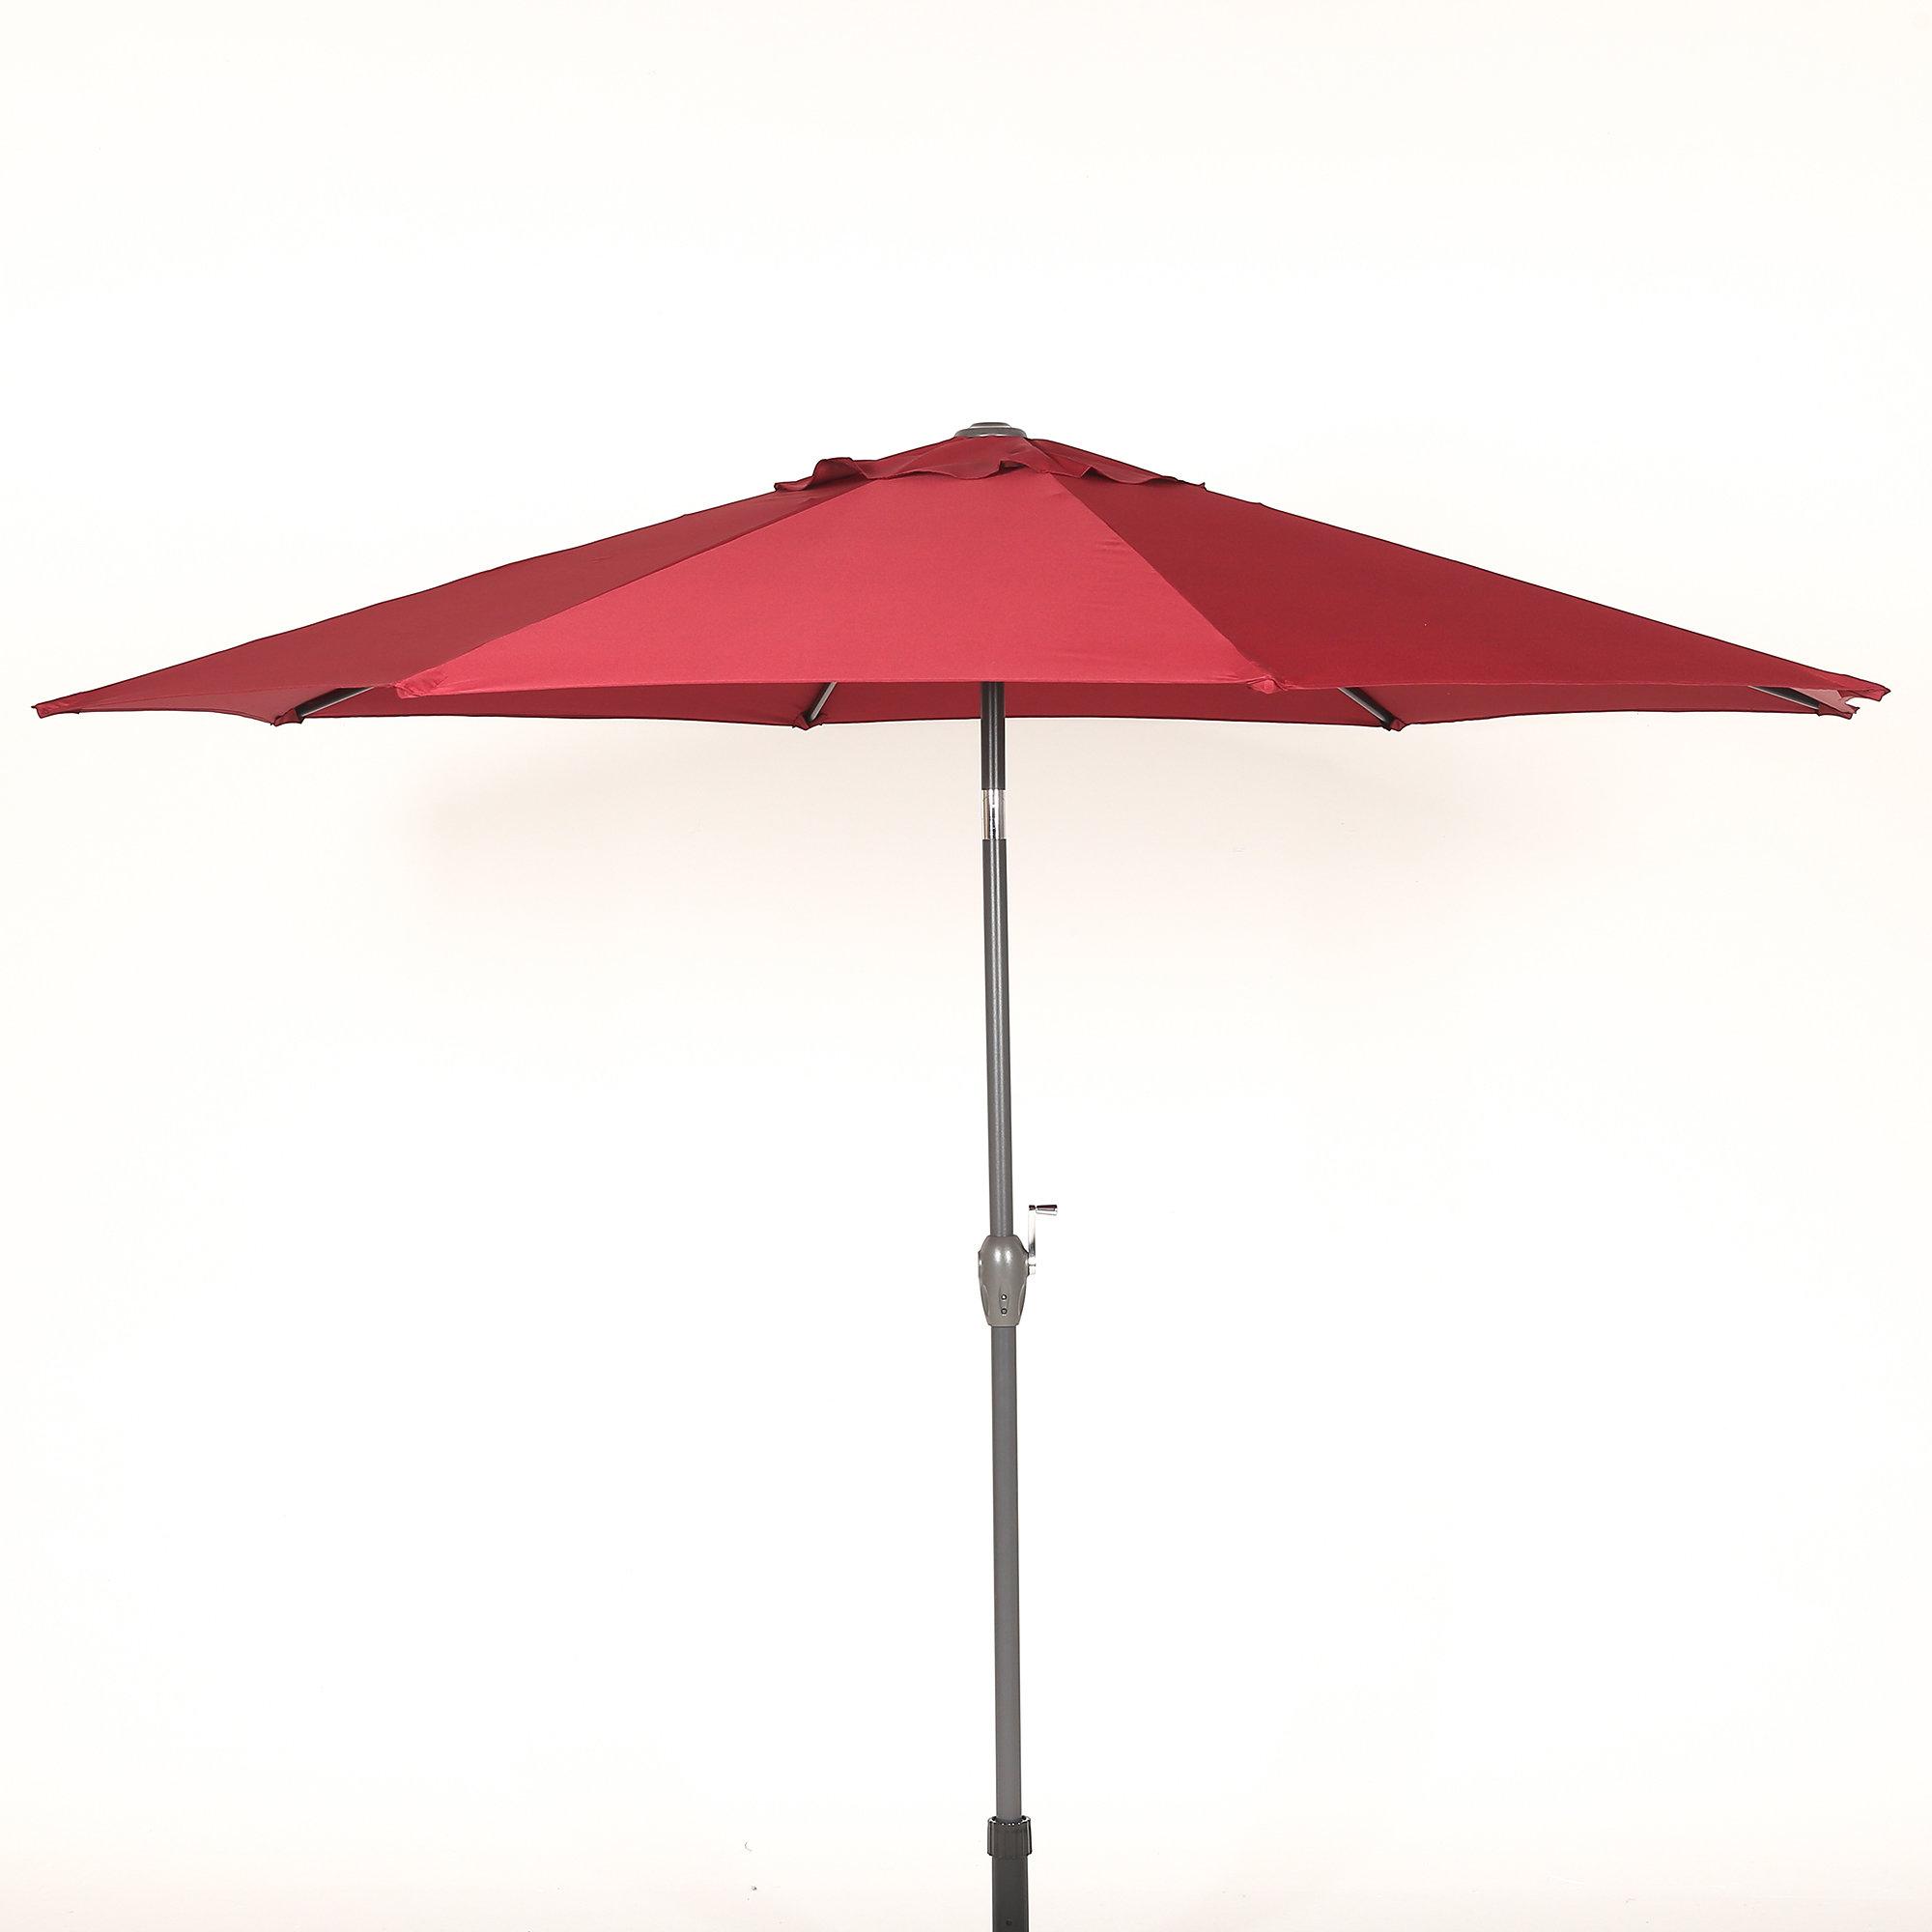 Hatten 10' Market Umbrella Throughout Most Recent Hatten Market Umbrellas (View 2 of 20)